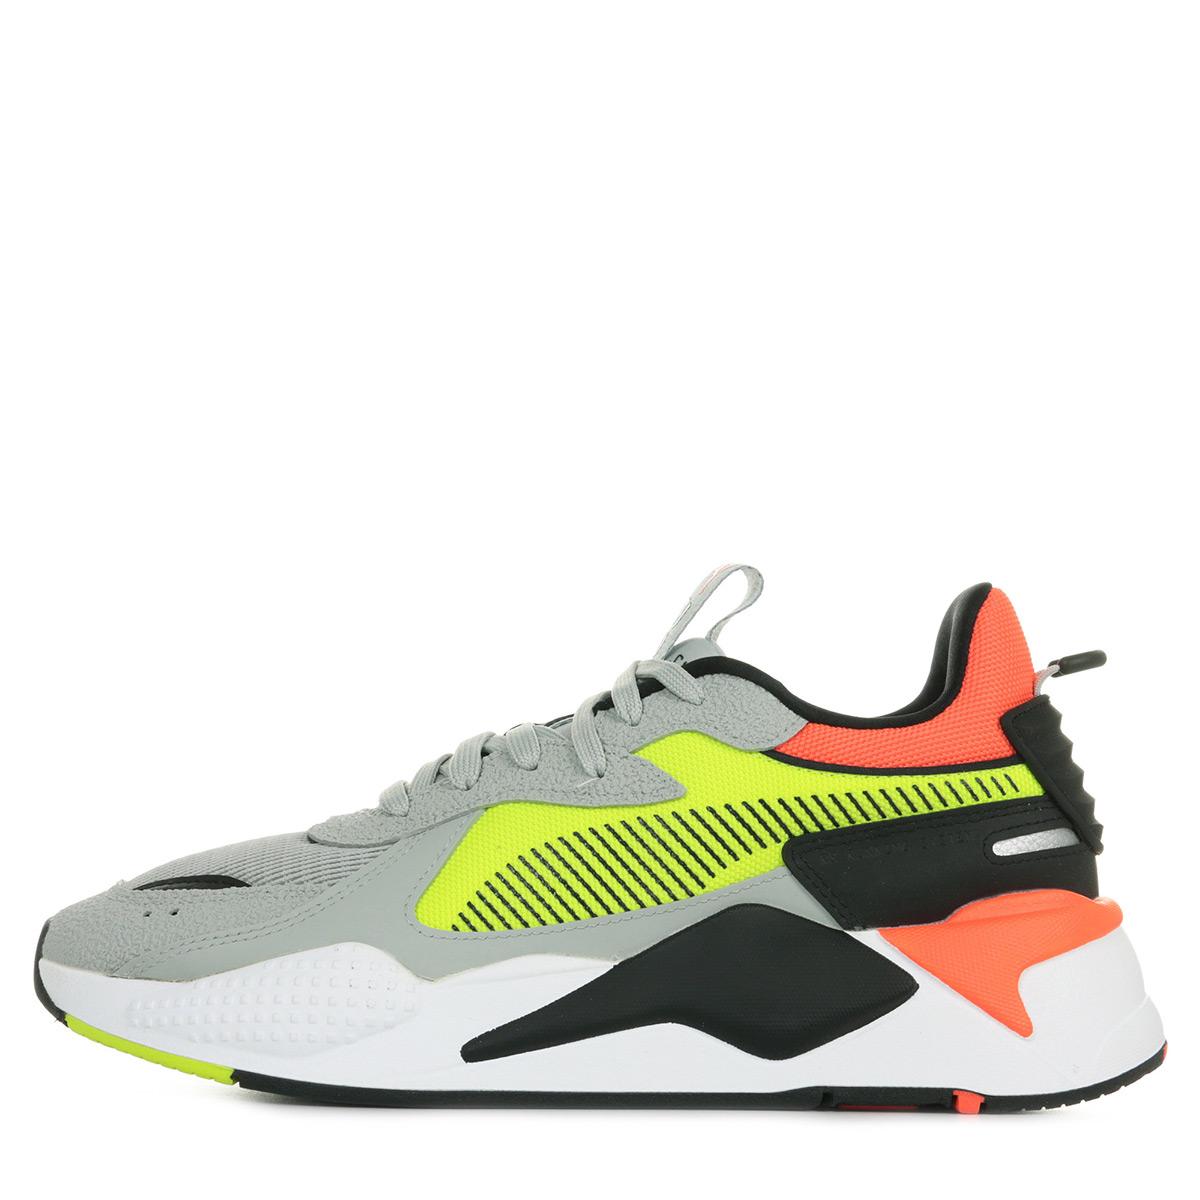 Détails sur Chaussures Baskets Puma homme RS X Hard Drive taille Gris Grise Textile Lacets